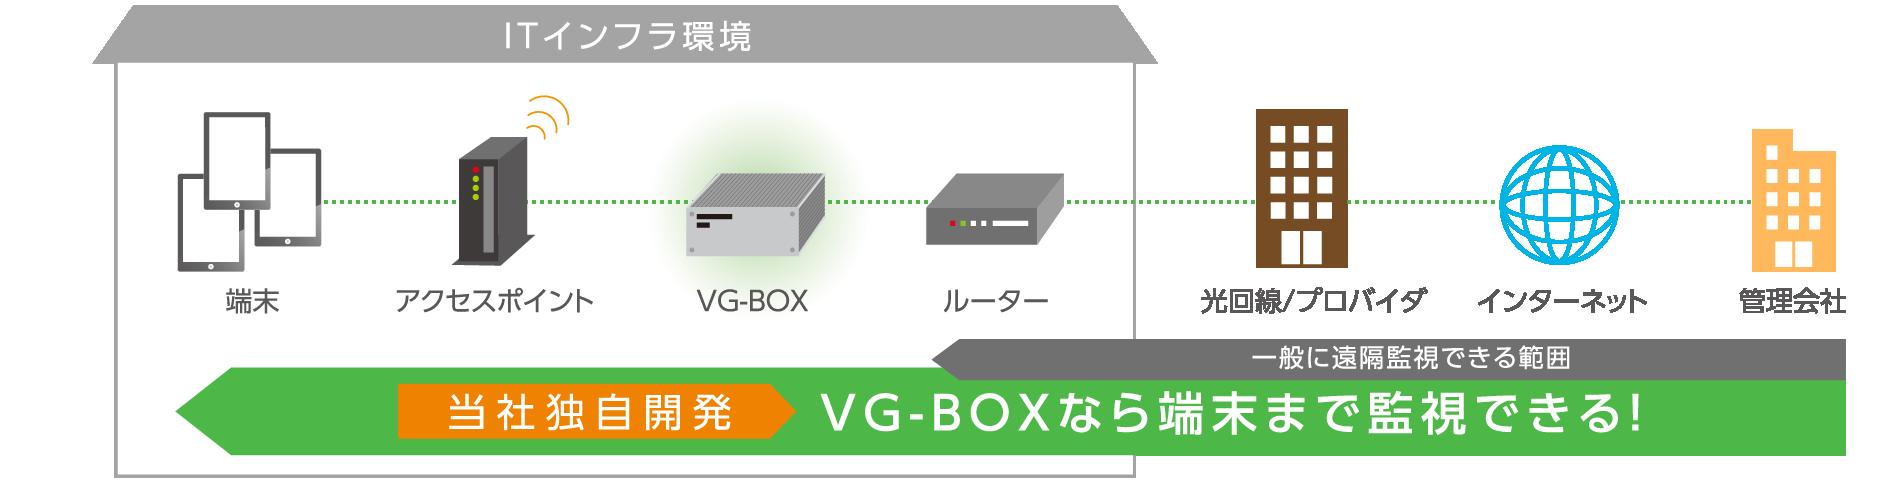 ITインフラ環境 端末 アクセスポイント VG-BOX ルーター 光回線/プロバイダ インターネット 管理会社 一般に遠隔監視できる範囲 当社独自開発 VG-BOXなら端末まで監視できる!